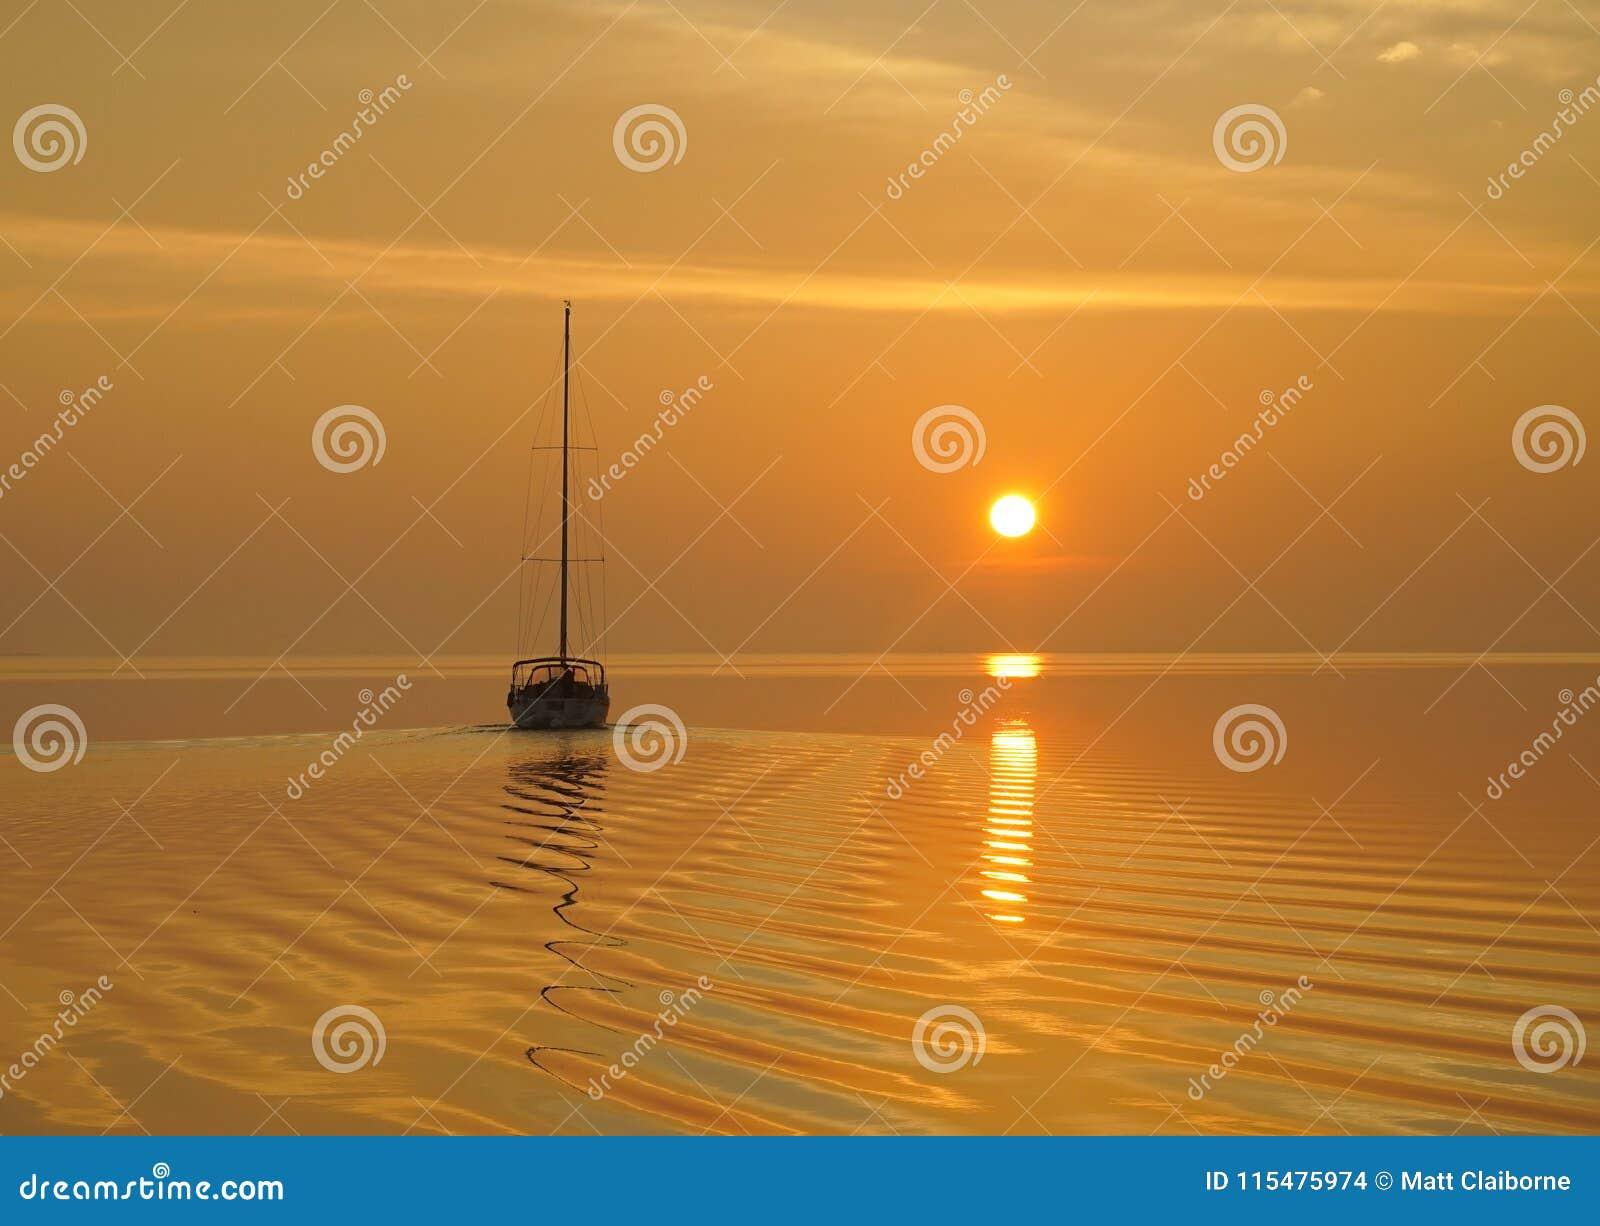 Ein Segelboot reist ein ruhiges Anchorage in helle gelbe sunris ab